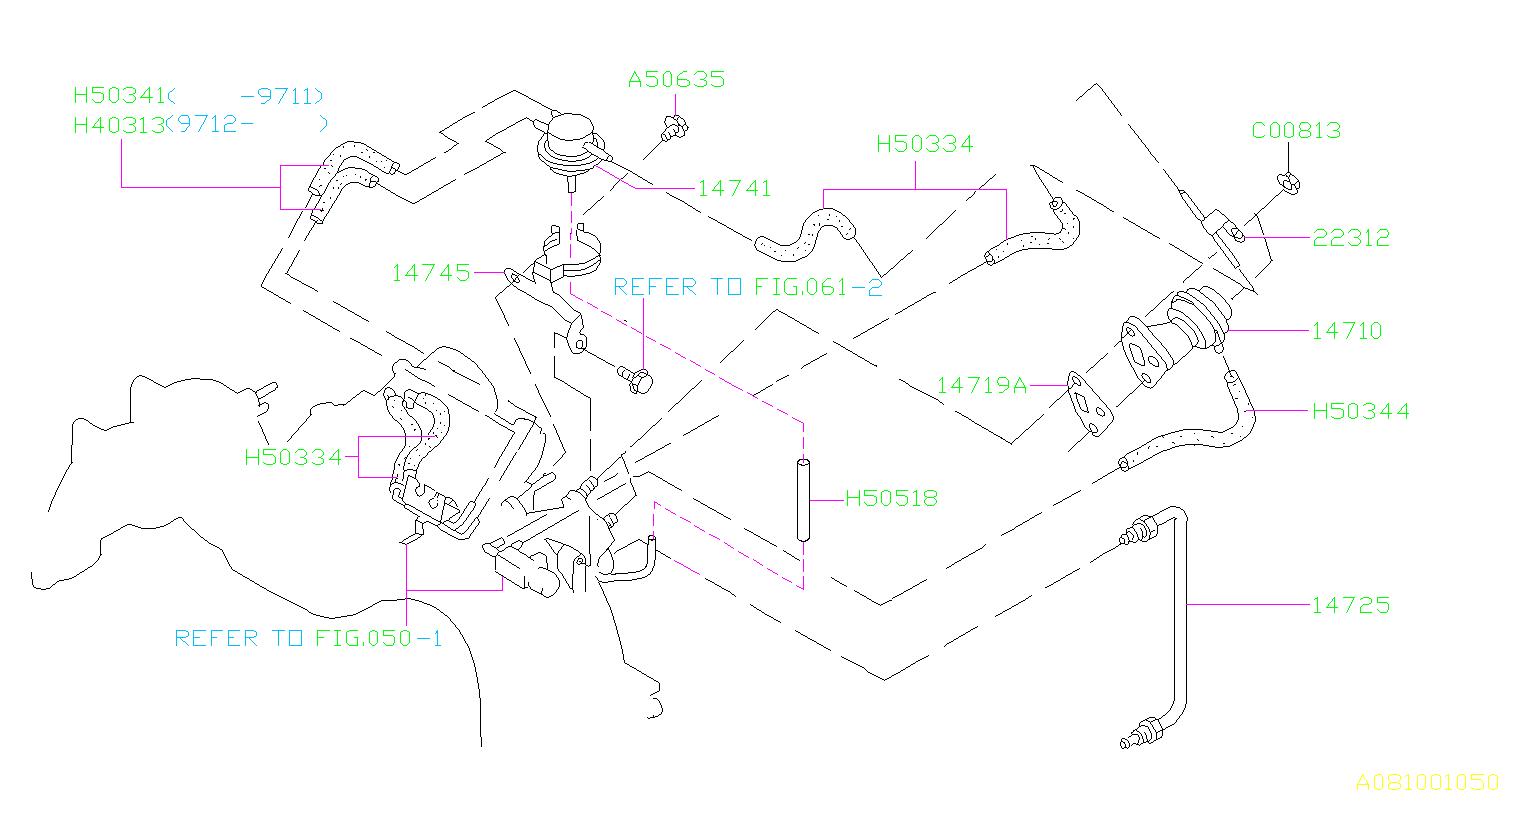 14741aa020 - Valve B P T  Back Pressure Valve  Control  Egr  Engine  Emission  Cooling